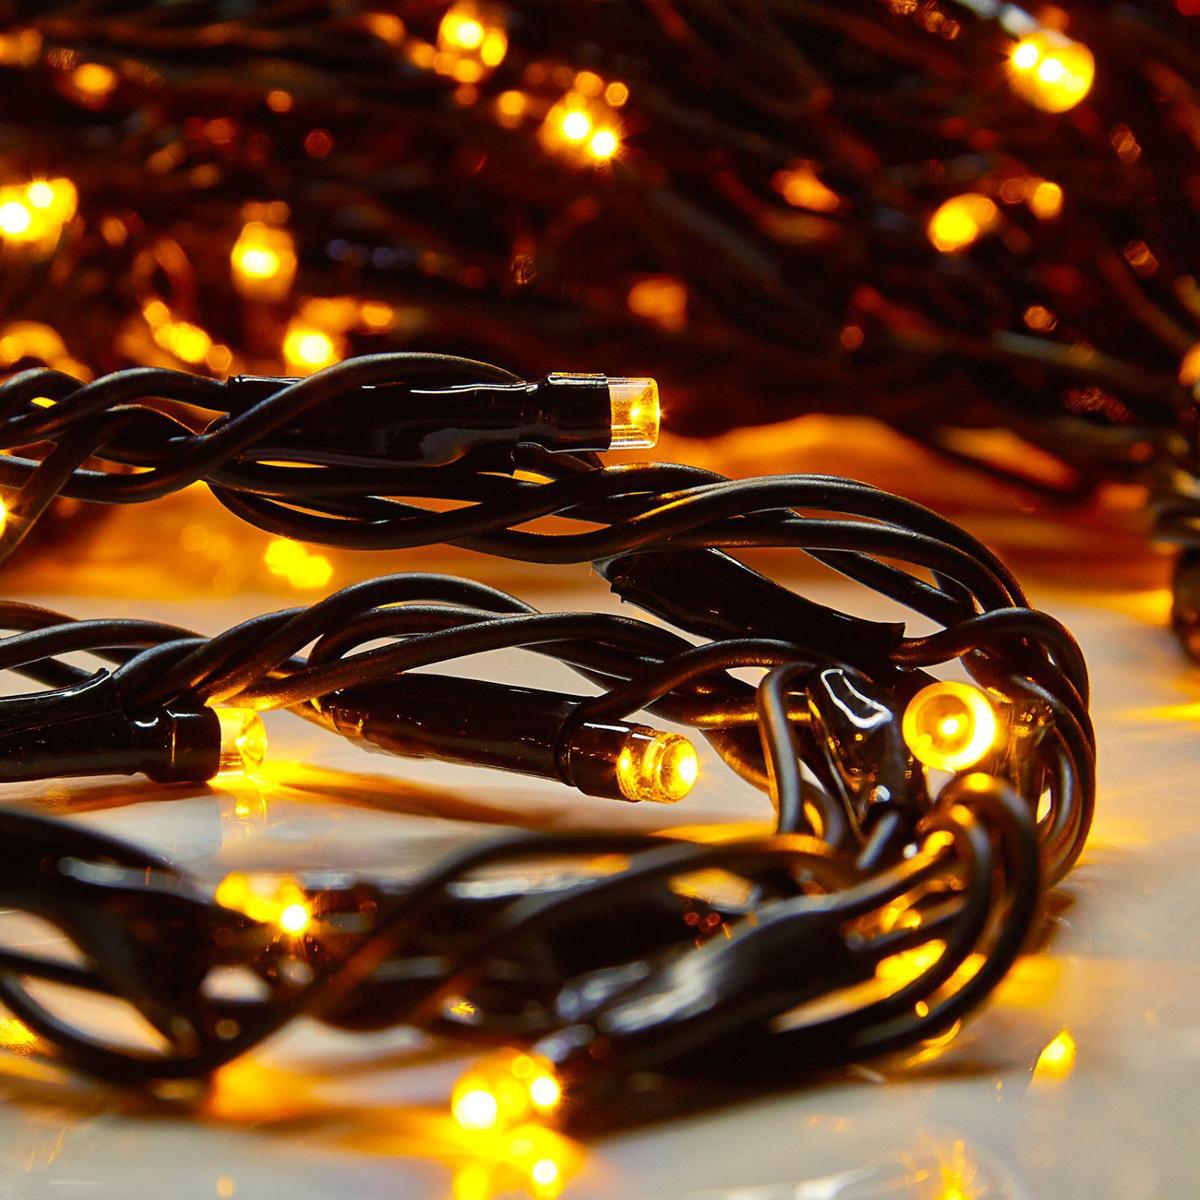 Гирлянда светодиодная Luazon Дождь, уличная, 8 режимов, 400 ламп, 220 V, цвет: желтый, 2 х 1,5 м. 187295187295Гирлянда светодиодная Дождь - это отличный вариант для новогоднего оформления интерьера или фасада. С ее помощью помещение любого размера можно превратить в праздничный зал, а внешние элементы зданий, украшенные гирляндой, мгновенно станут напоминать очертания сказочного дворца. Такое украшение создаст ауру предвкушения чуда. Деревья, фасады, витрины, окна и арки будто специально созданы, чтобы вы украсили их светящимися нитями.